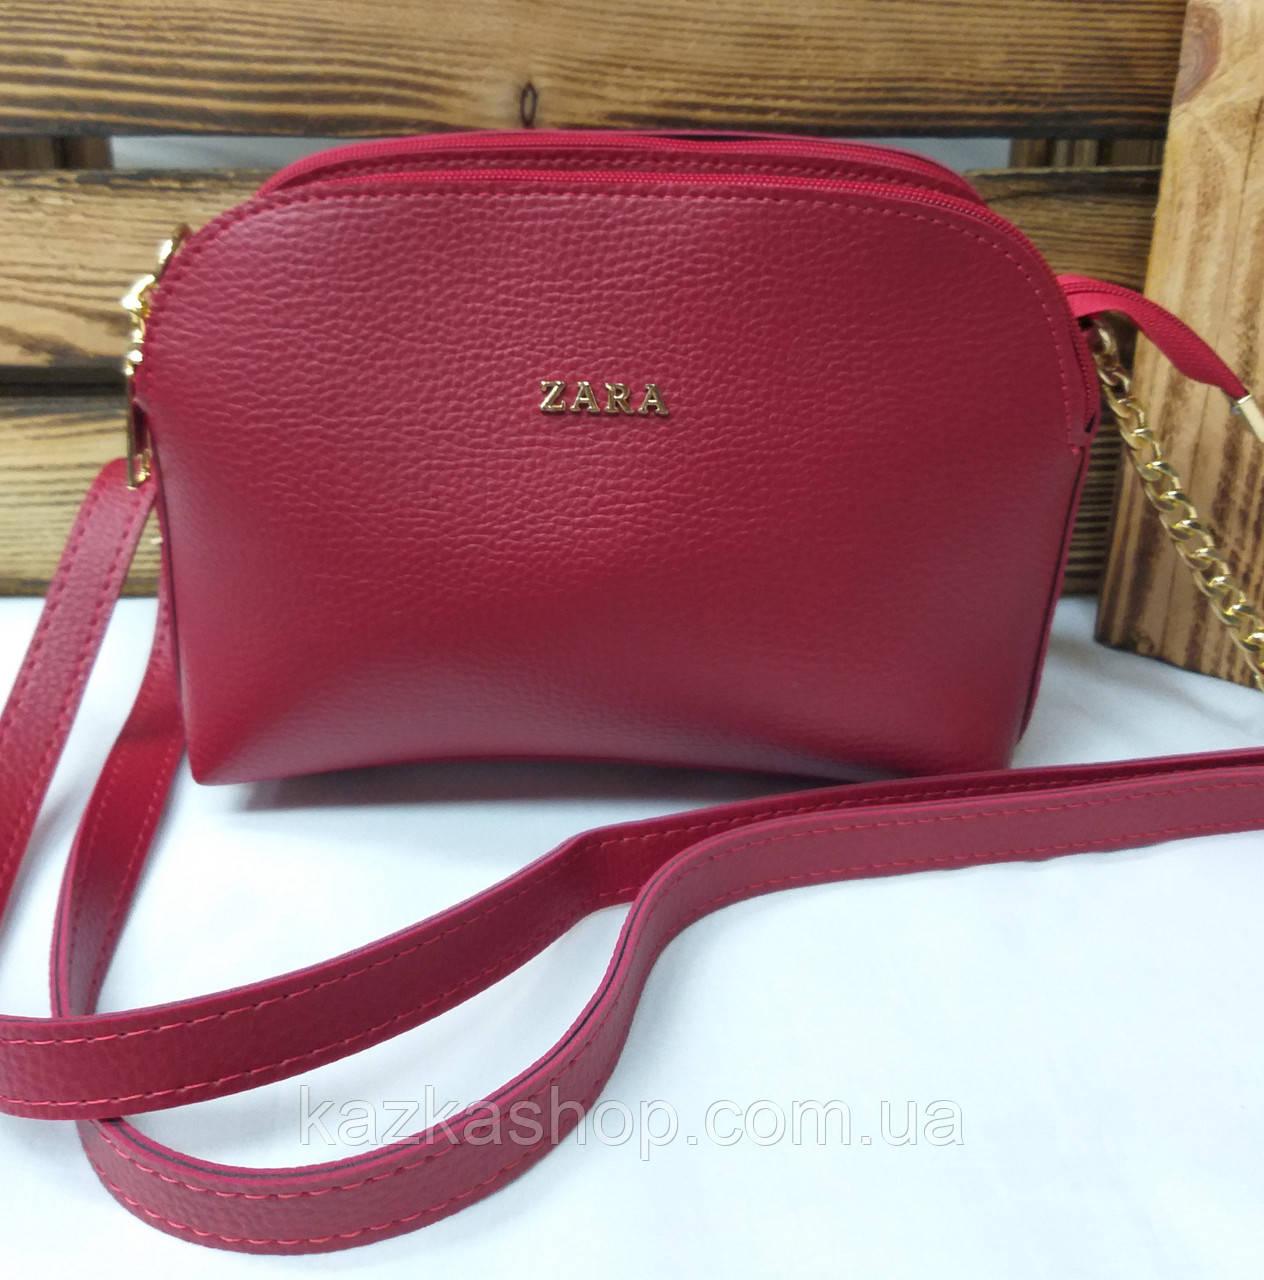 Женский клатч на три отдела, в стиле Zara (реплика) материал эко-кожа регулируемый ремень